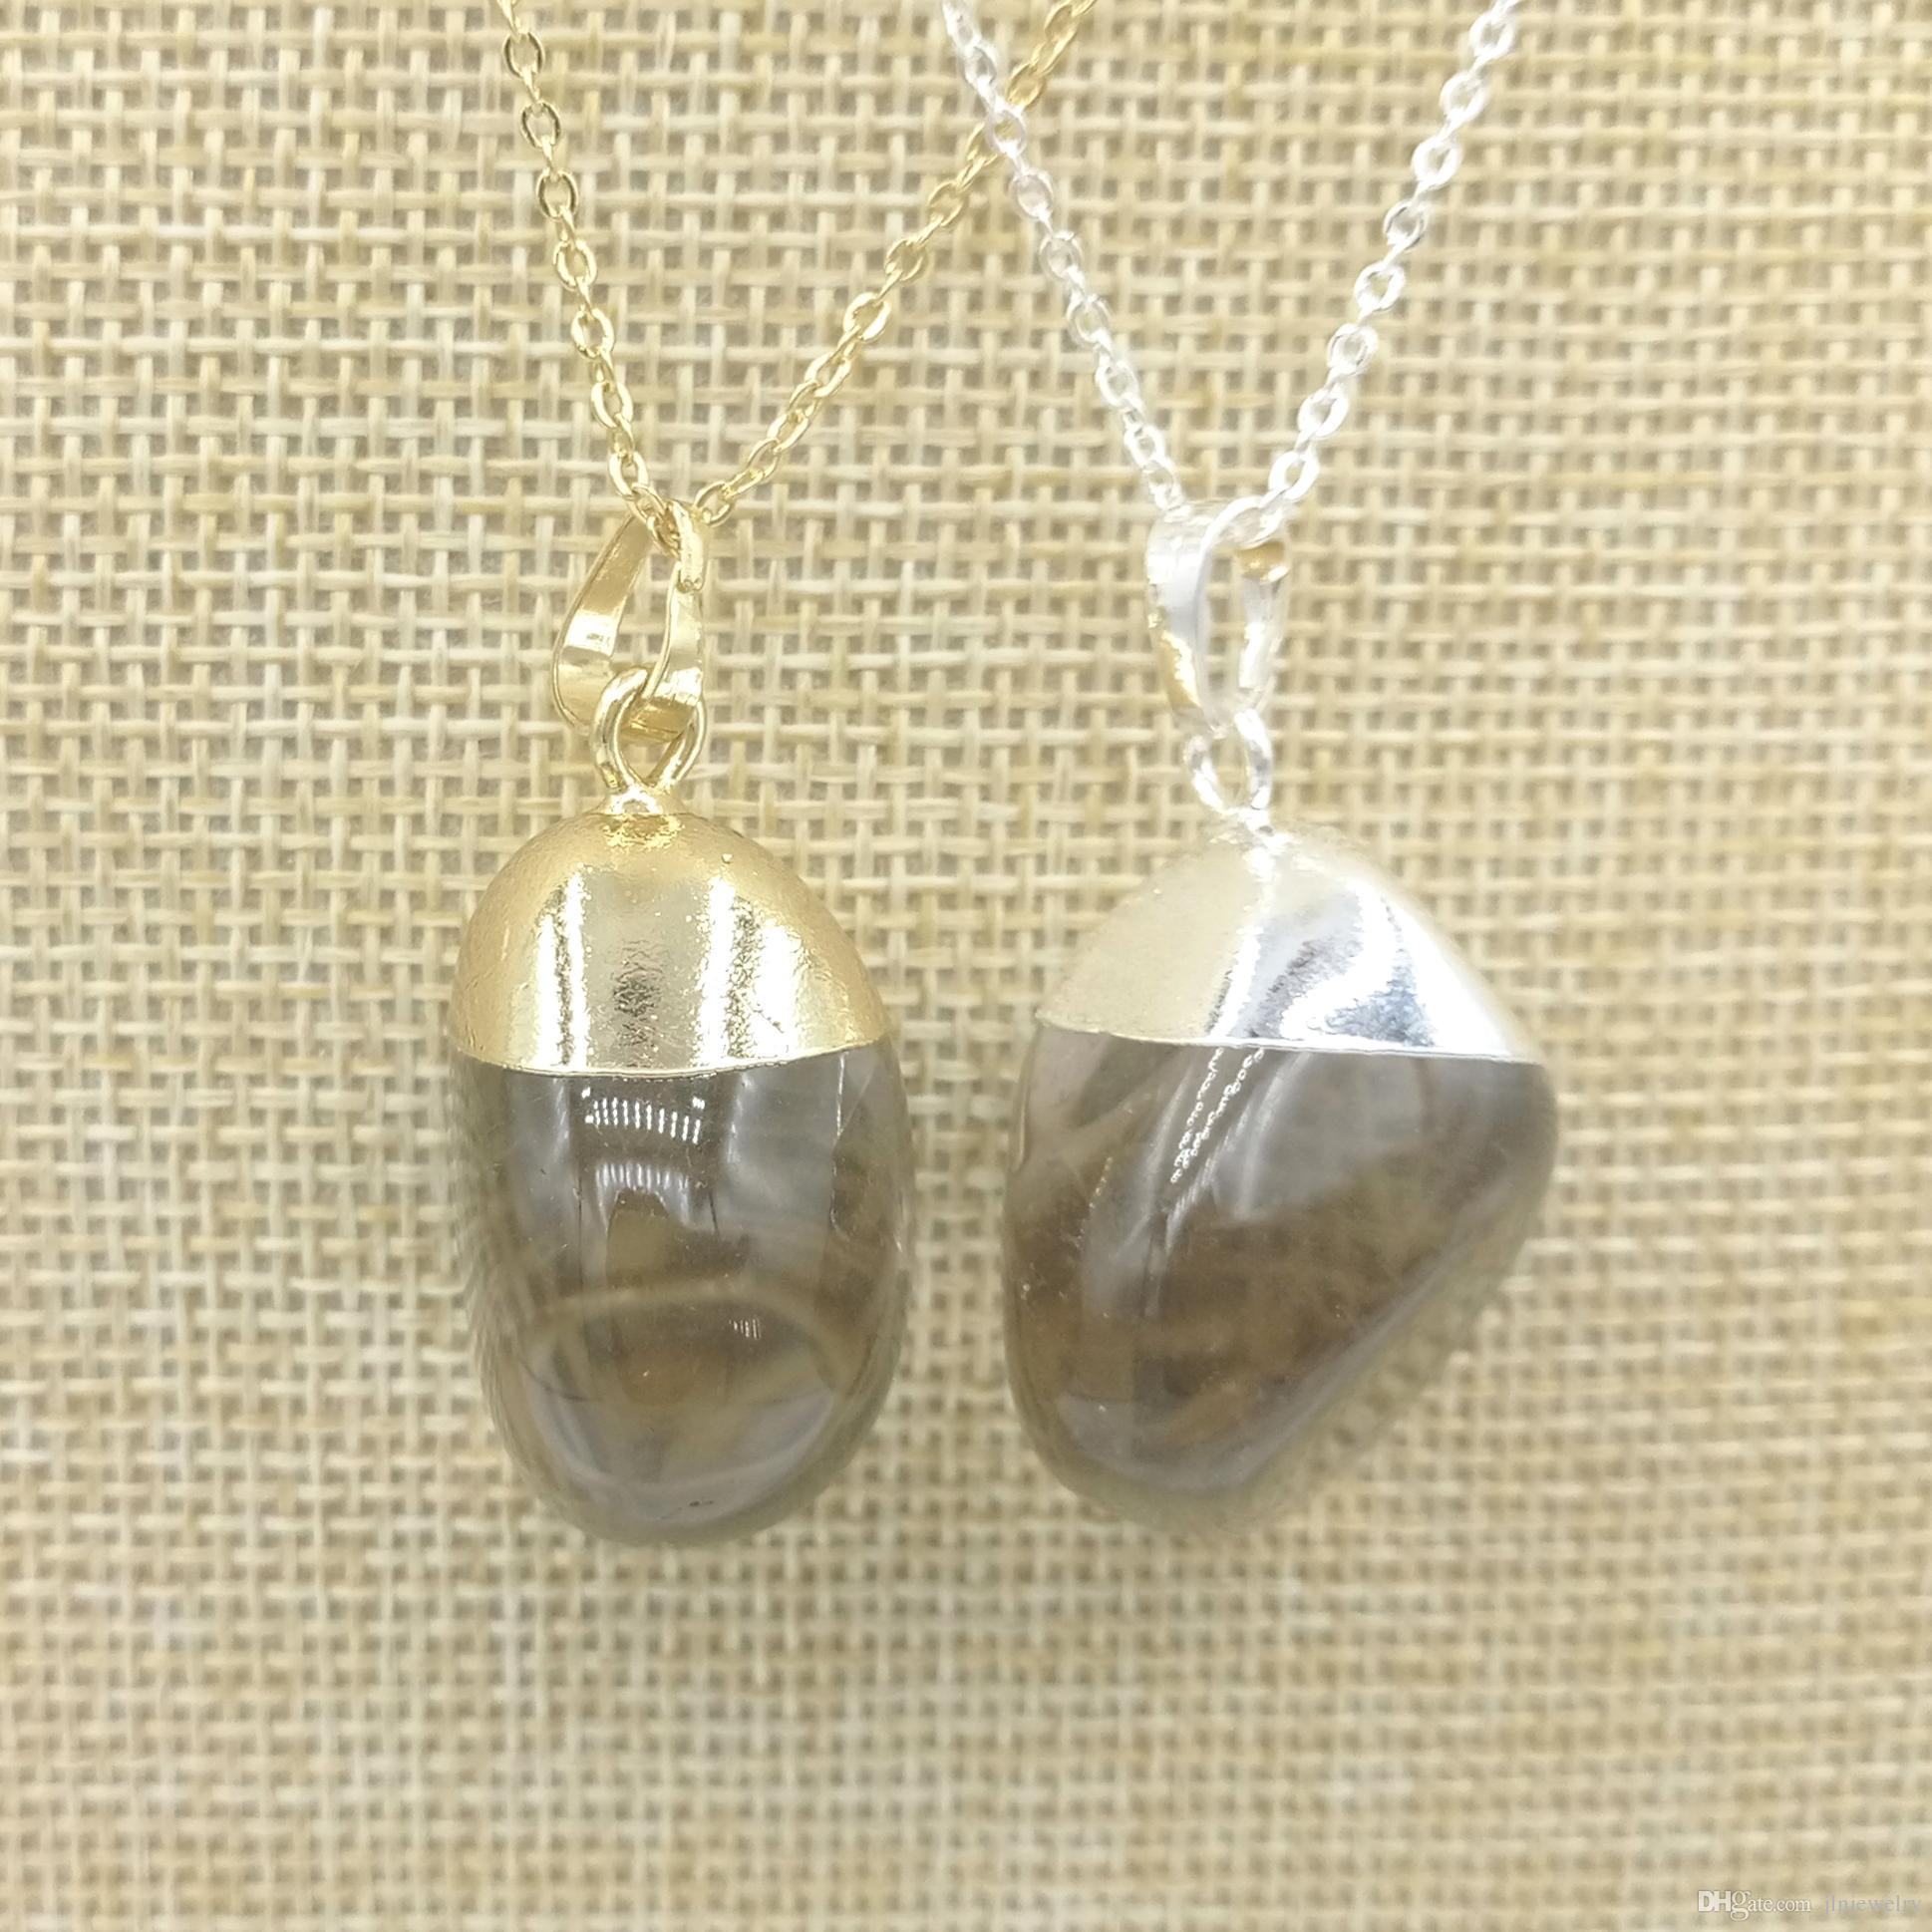 Jln Smoky Quartz Pendant Free Size Natural Stone Quartz Crystal Gold